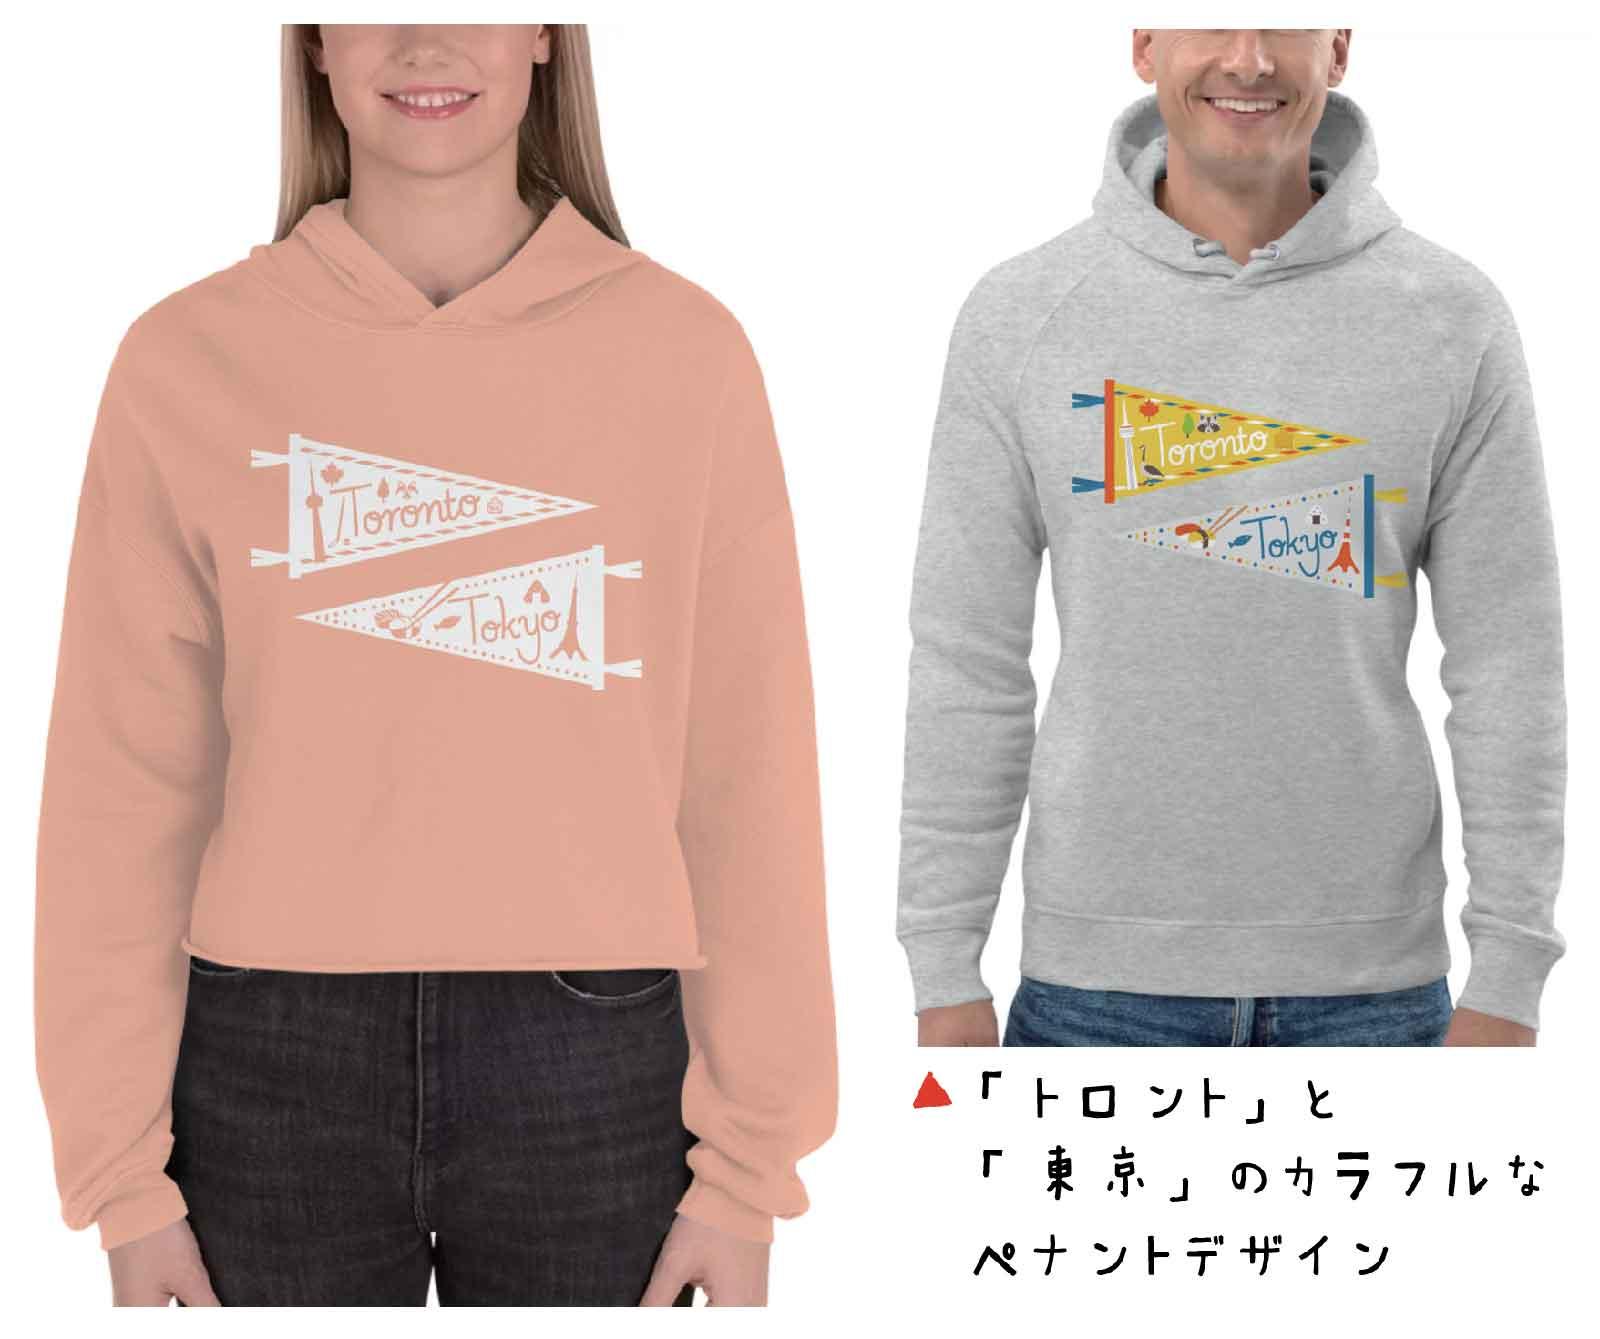 「トロント」と「東京」のカラフルなペナントデザイン